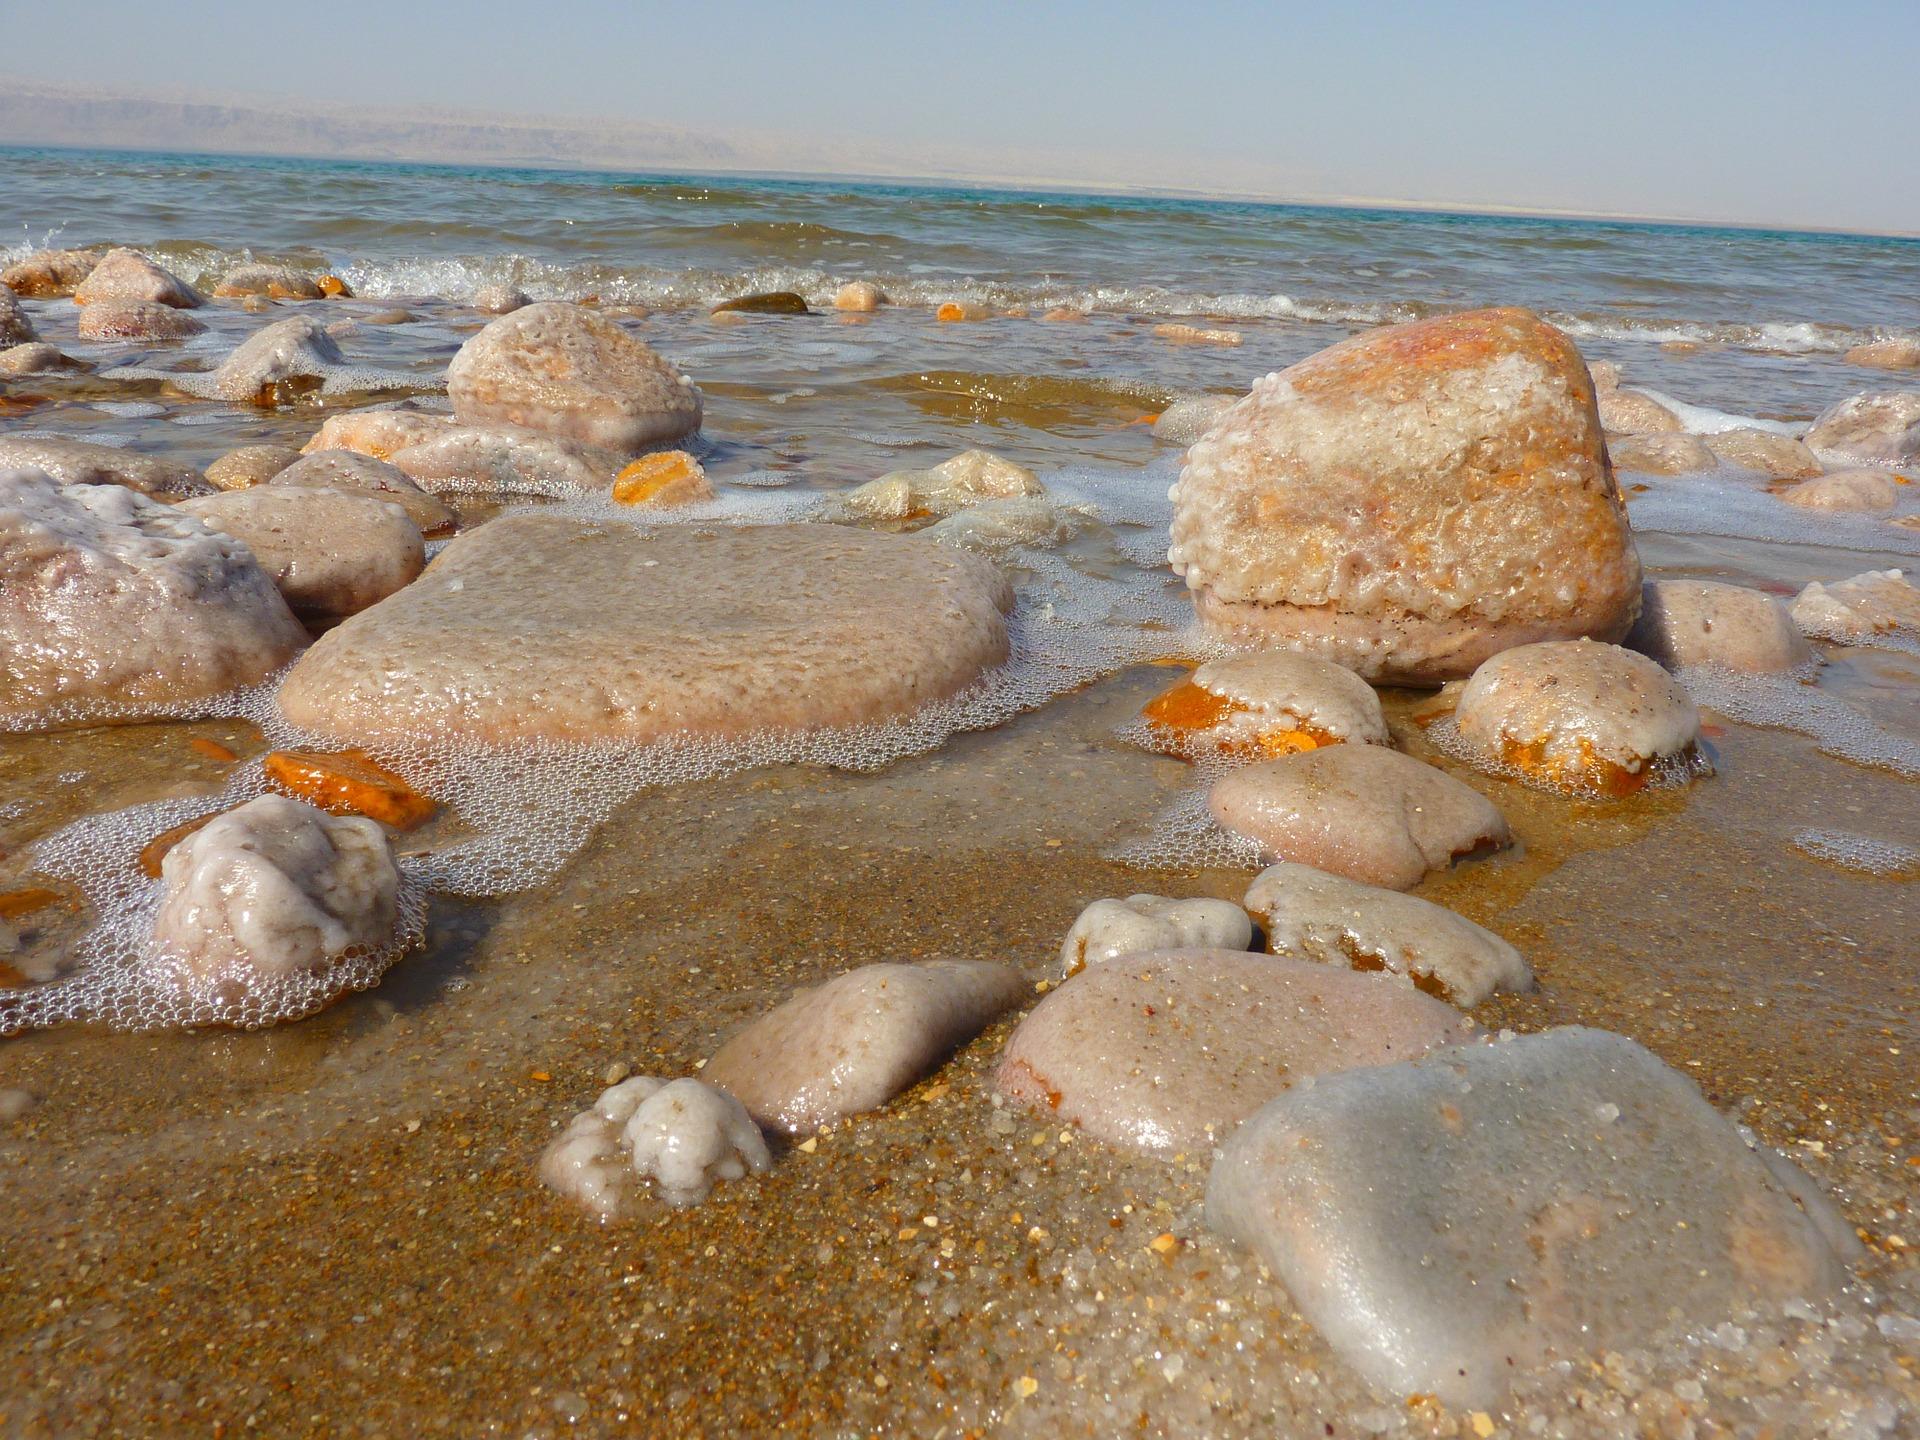 Highlights of Jordan - Dead Sea, Jordan